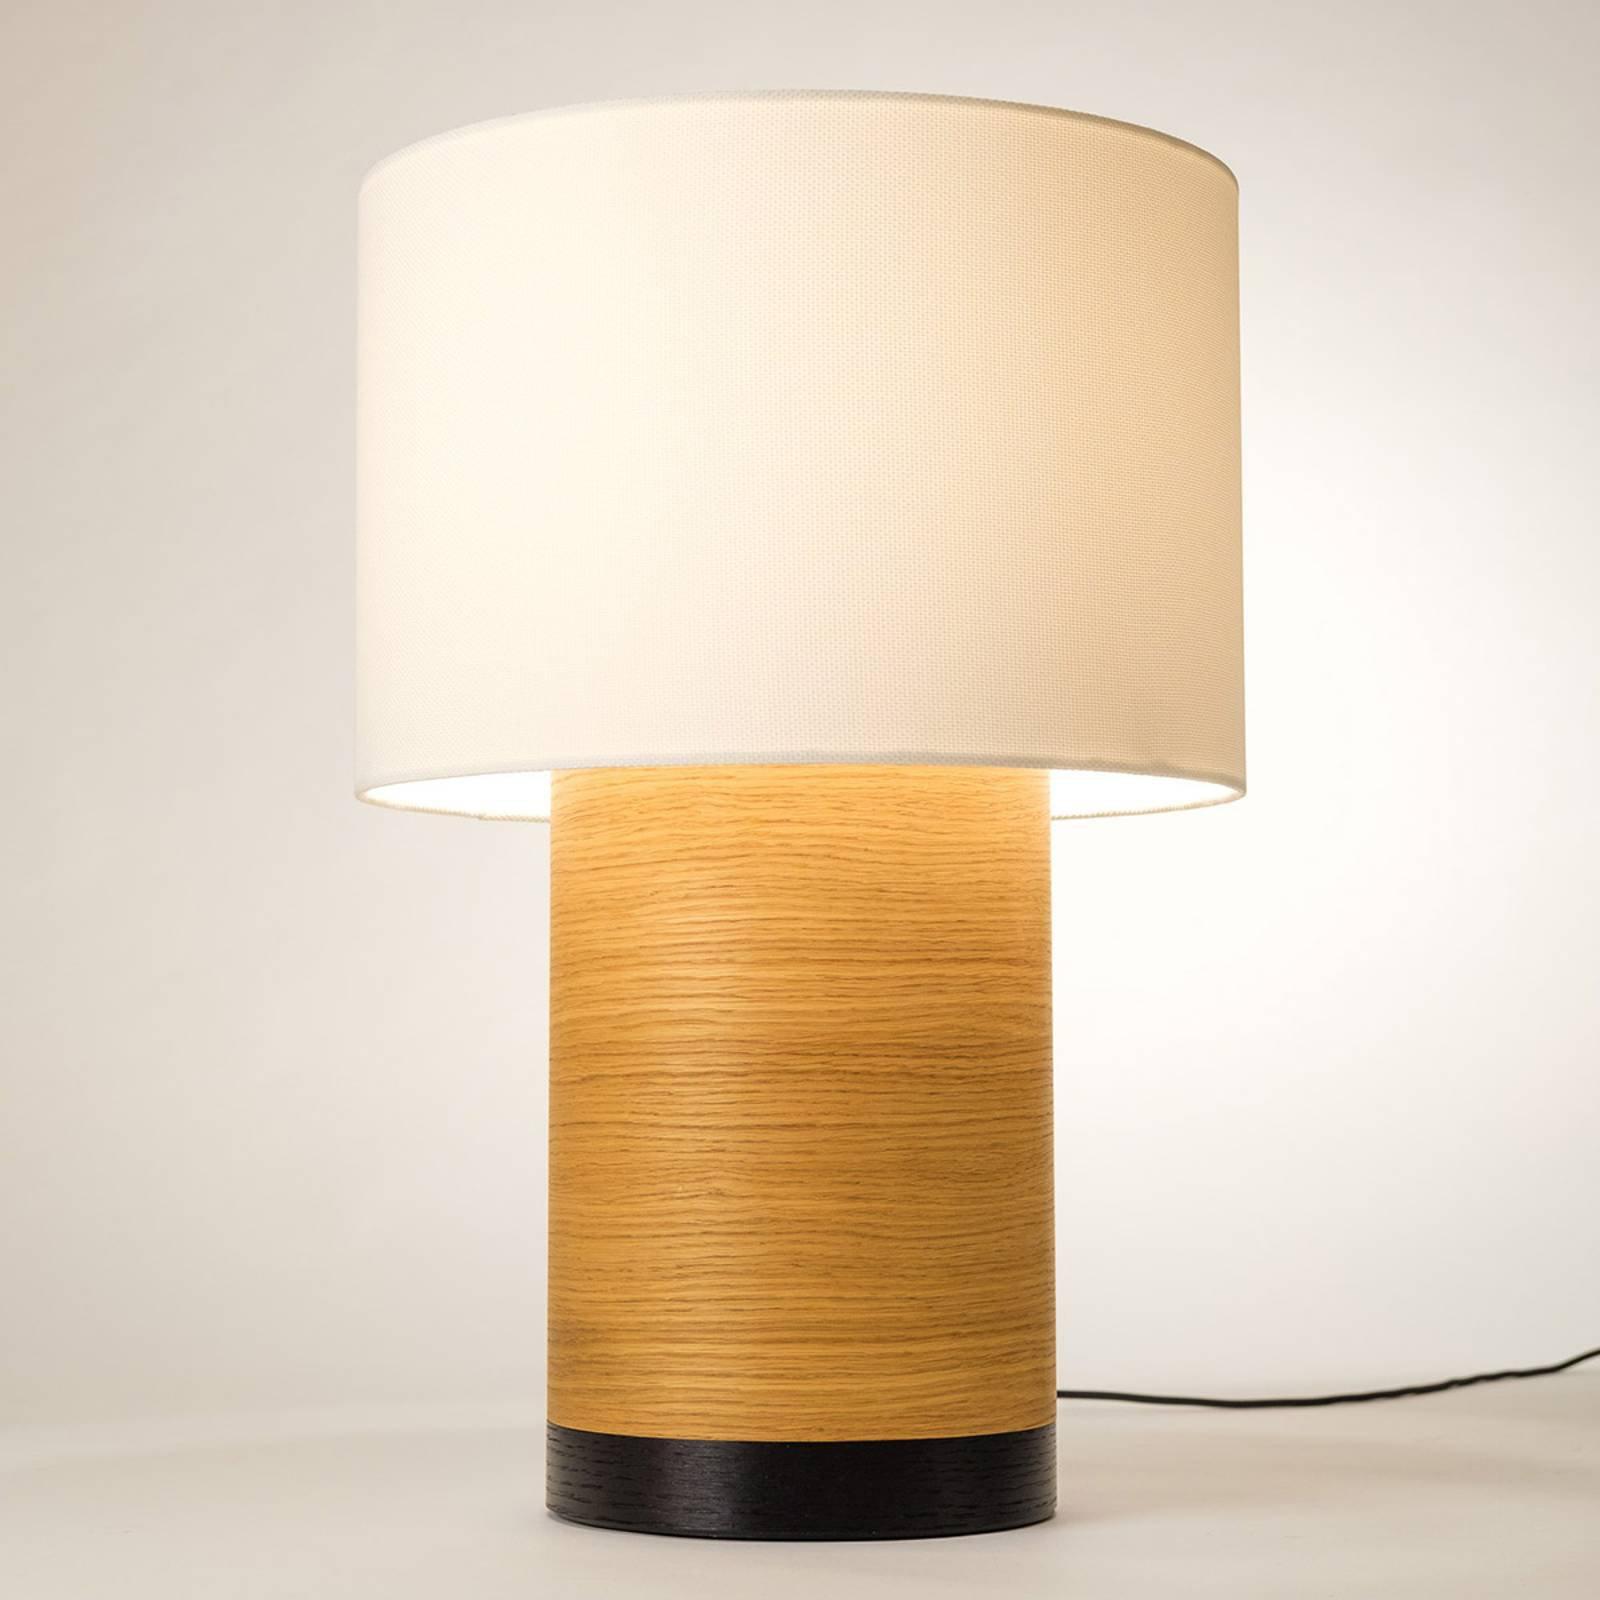 Bordlampe Klippa XL svart Trooper alabaster